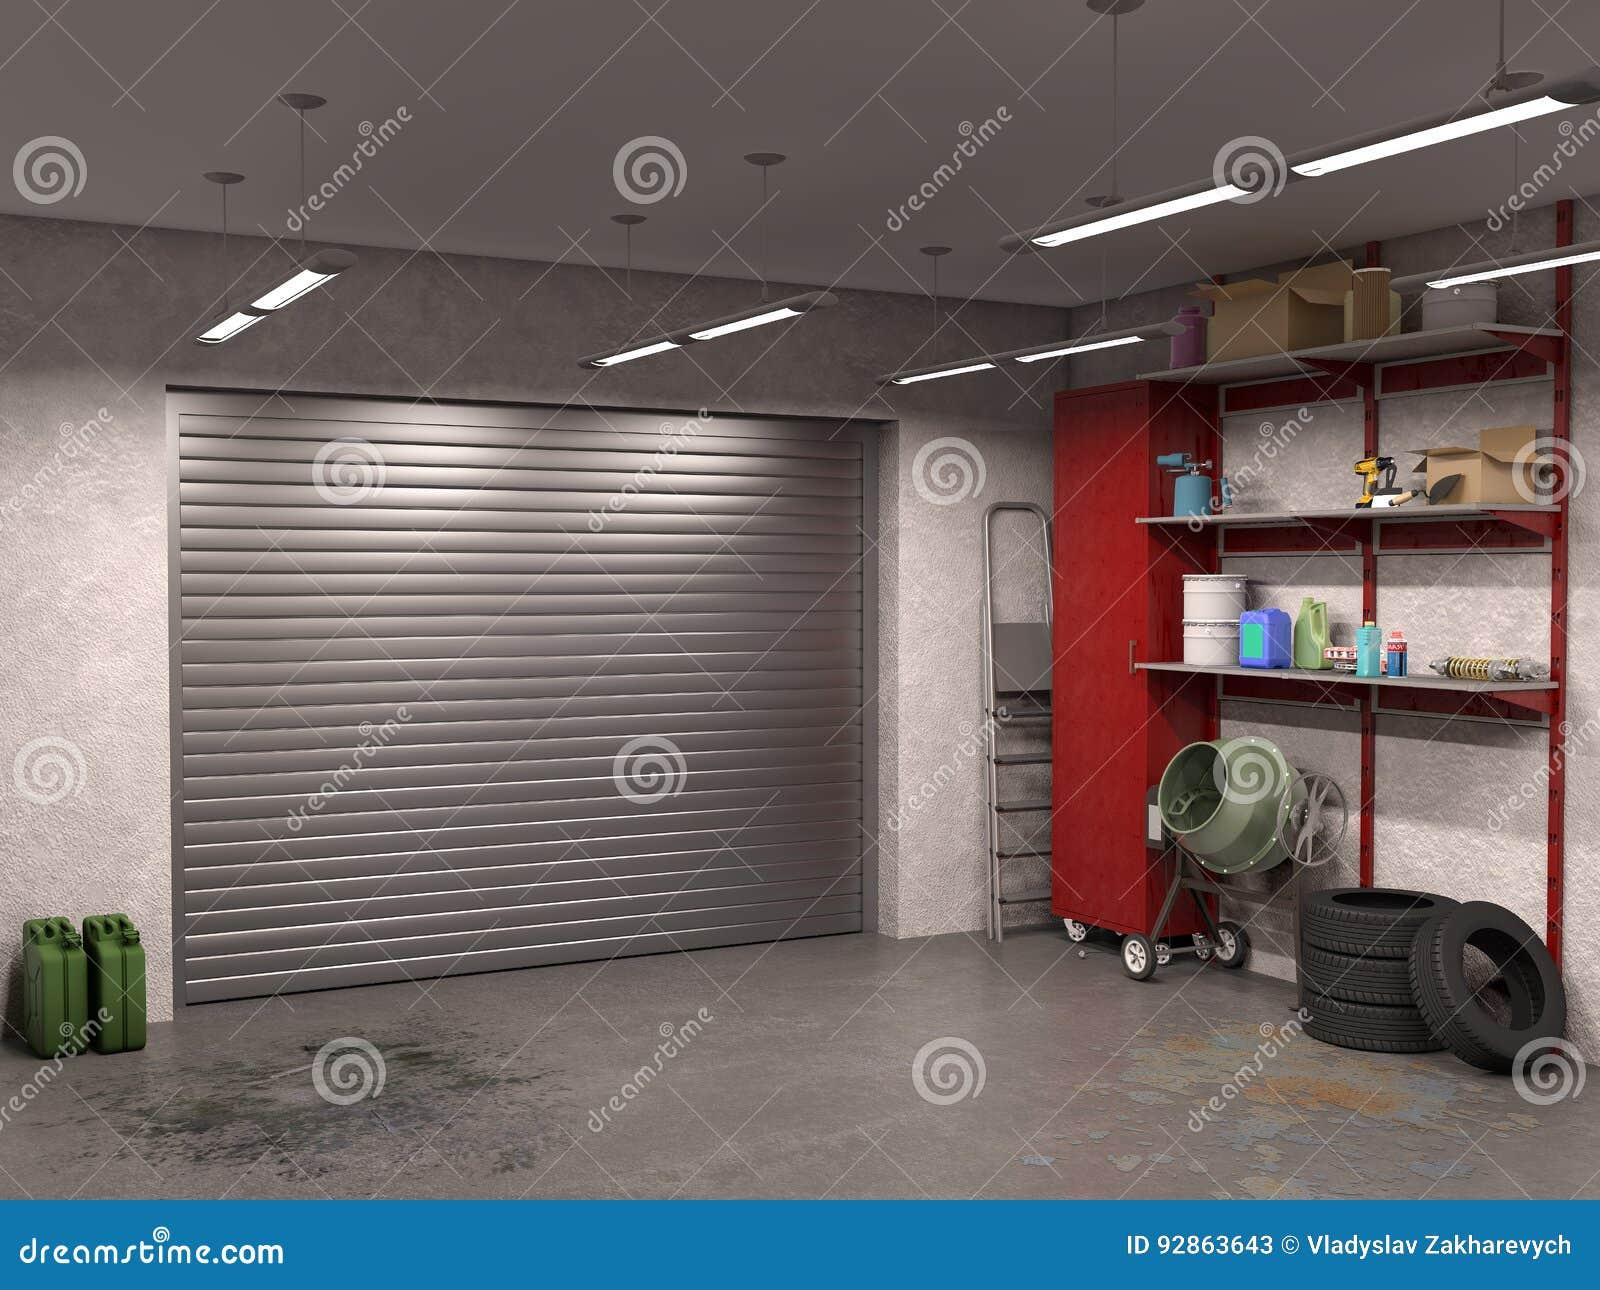 Stor Garageinre Med Garagedörrar Stock Illustrationer - Bild: 92863643